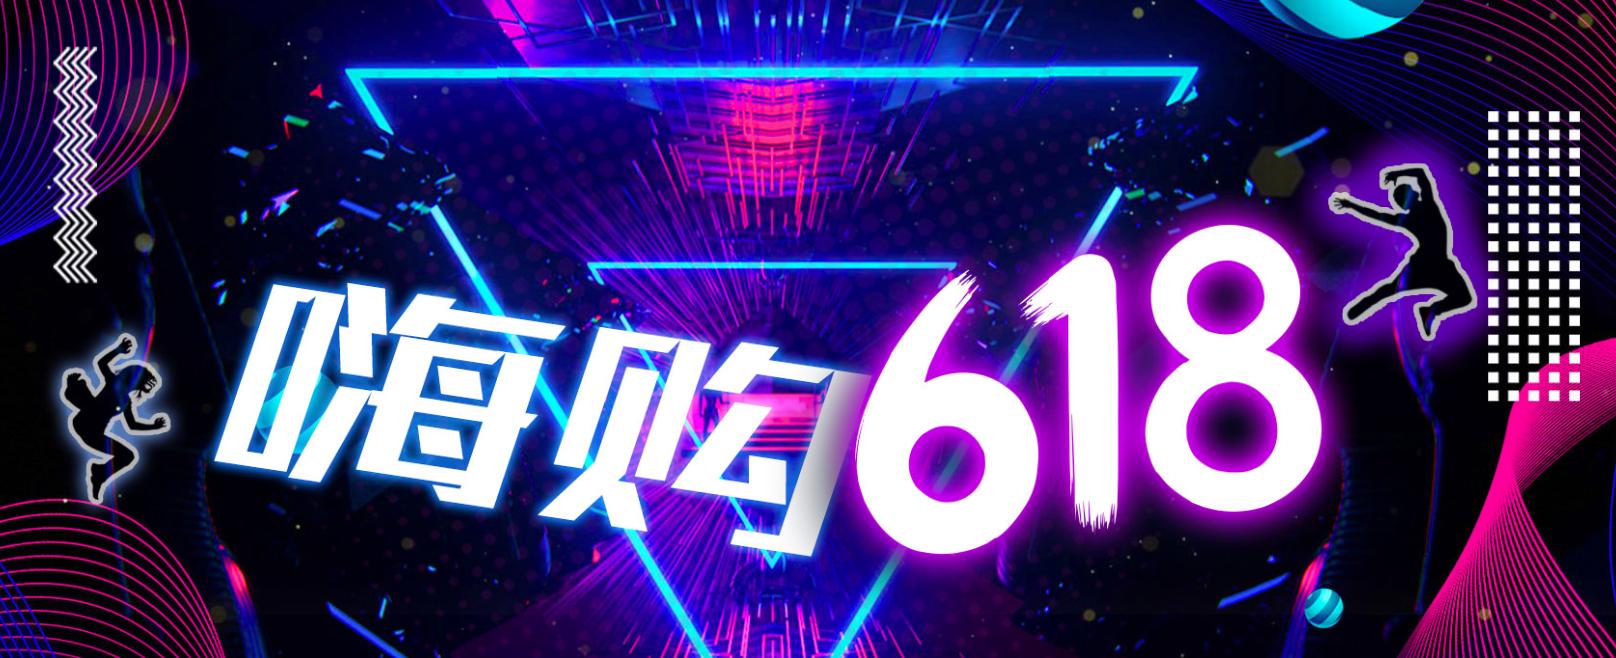 嗨购618